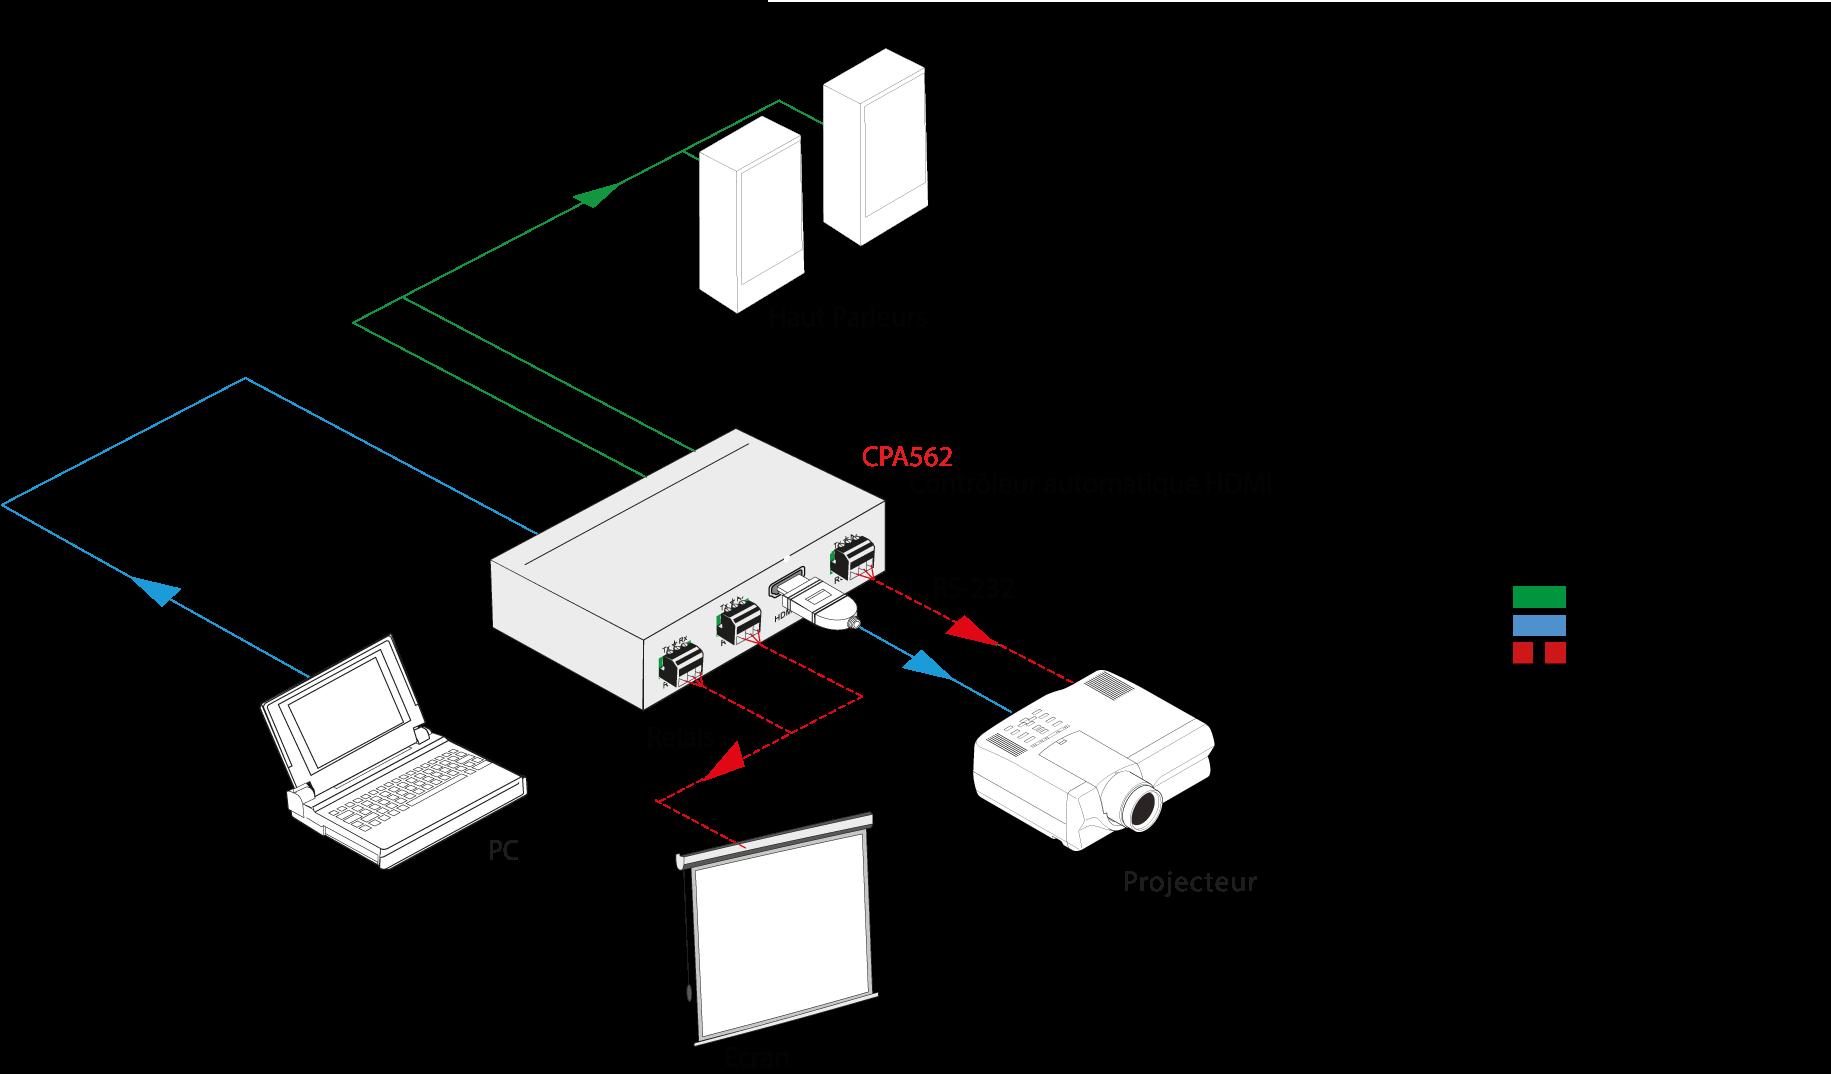 CPA562 | Contrôleur HDMI 2.0 automatique